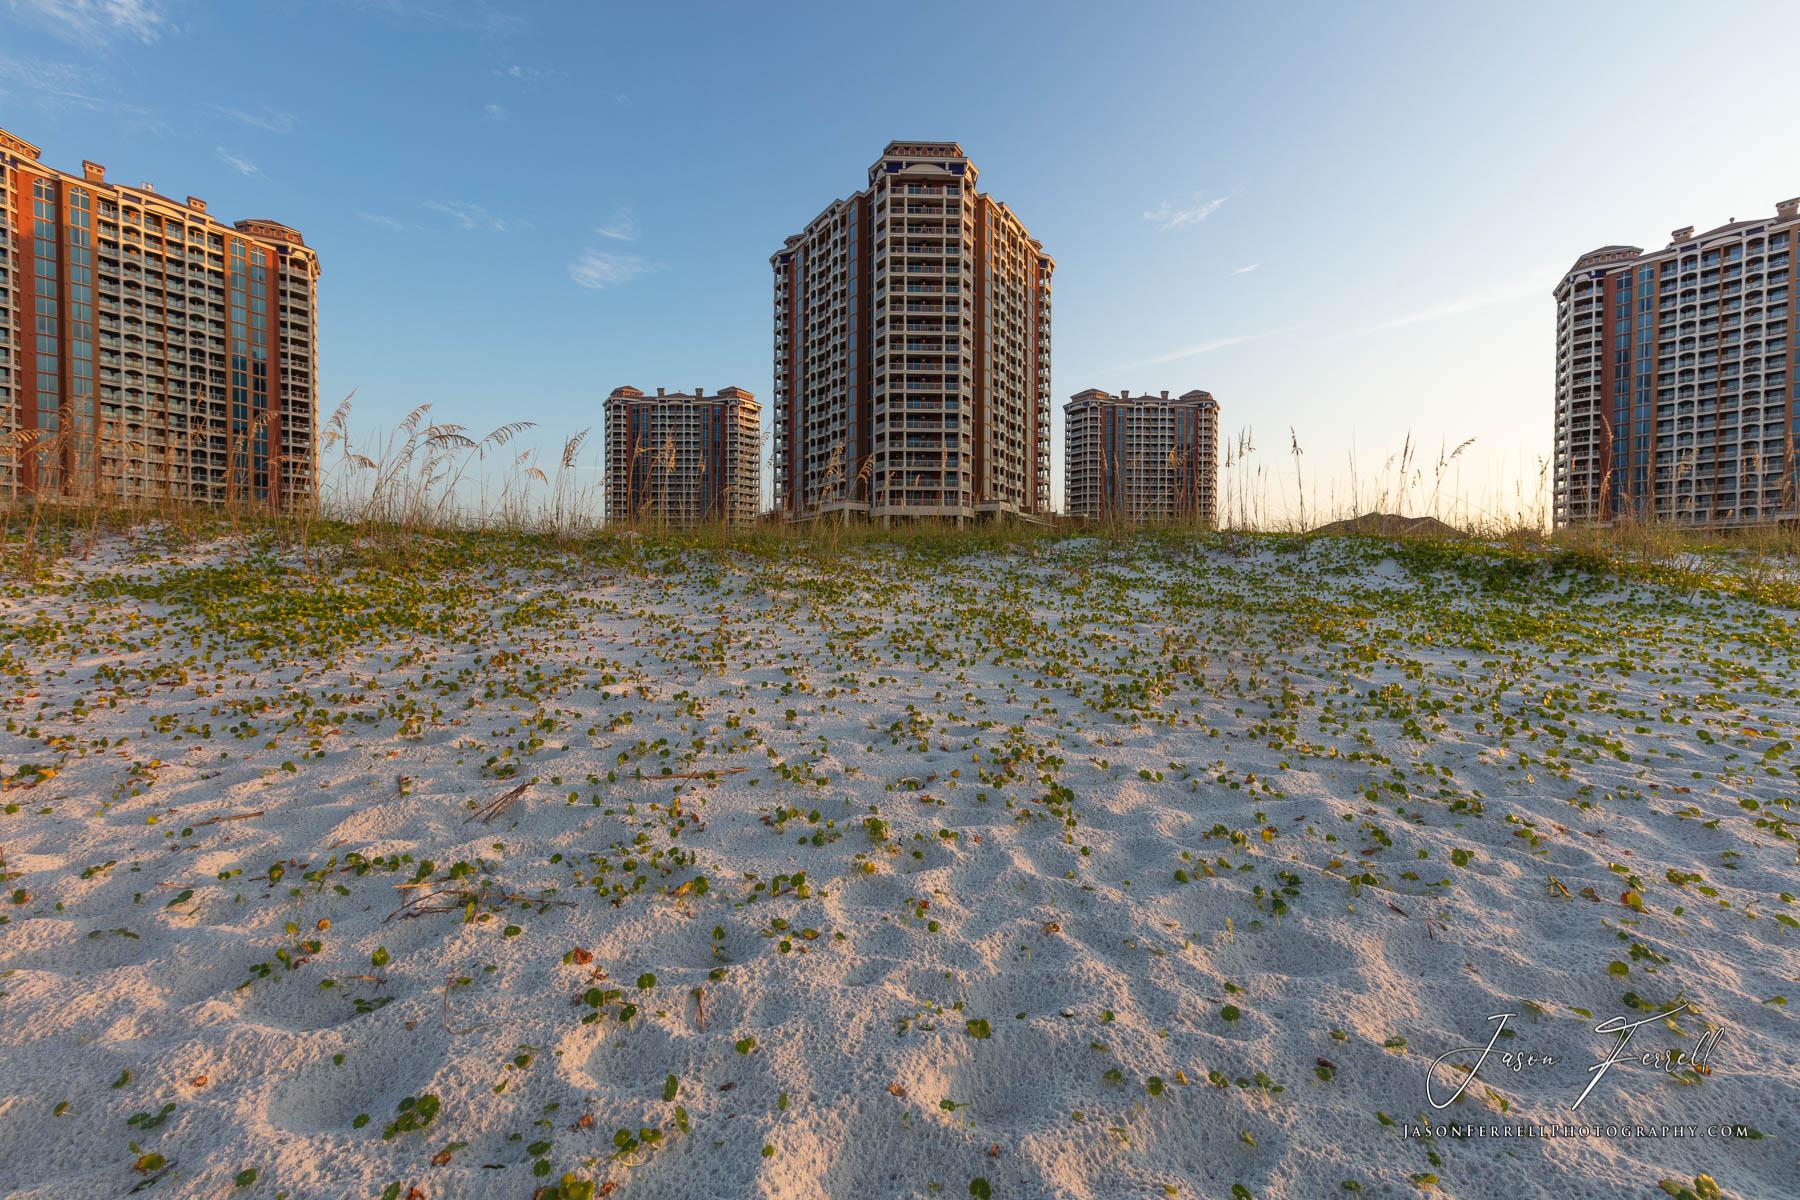 portofino island resort, sunrise, beach, towers, photo